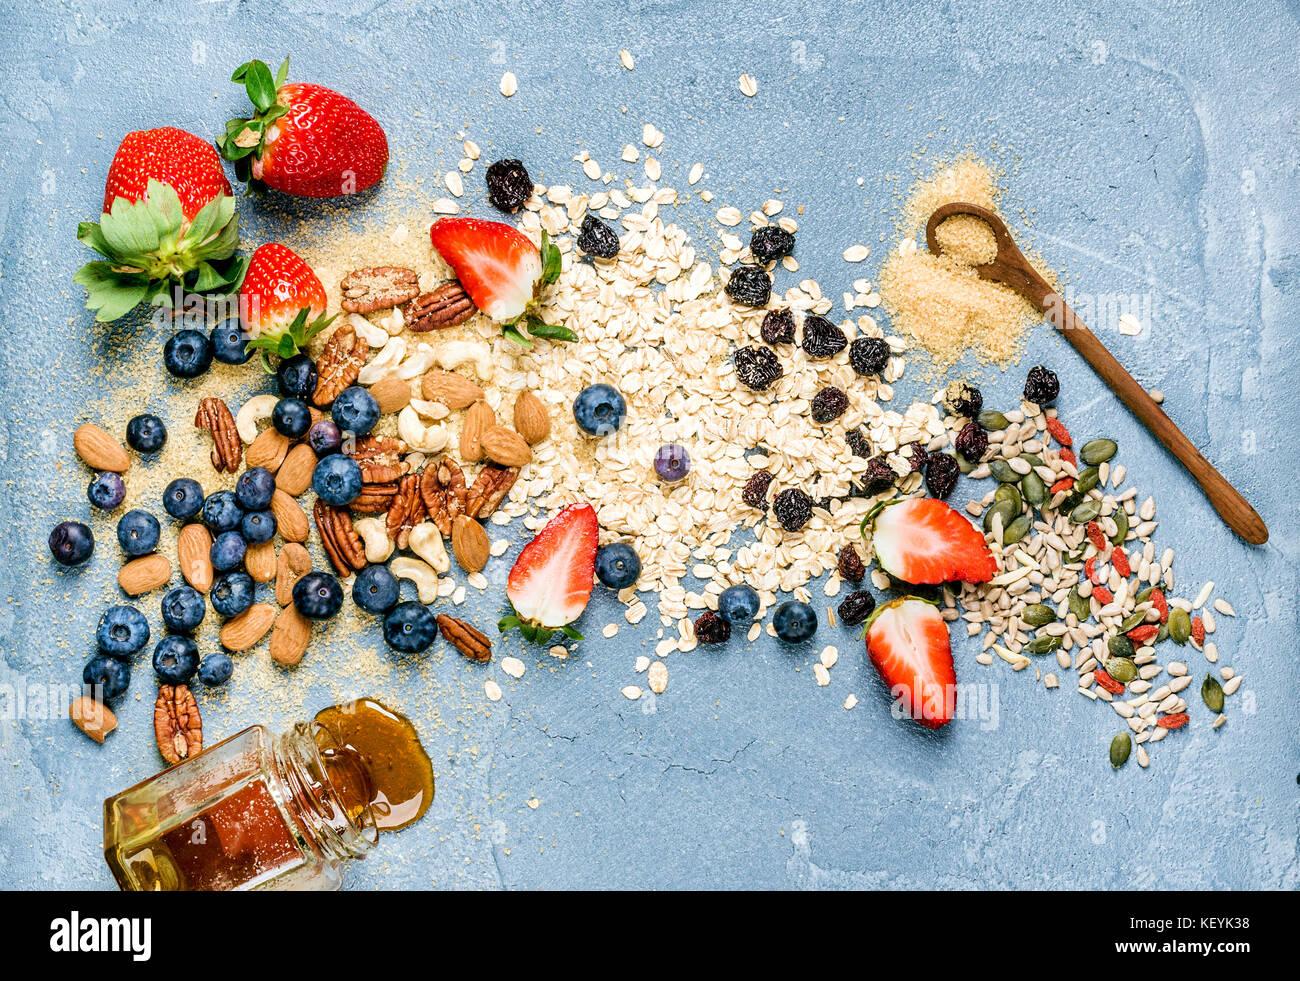 Ingredienti per la cottura di una sana prima colazione Immagini Stock